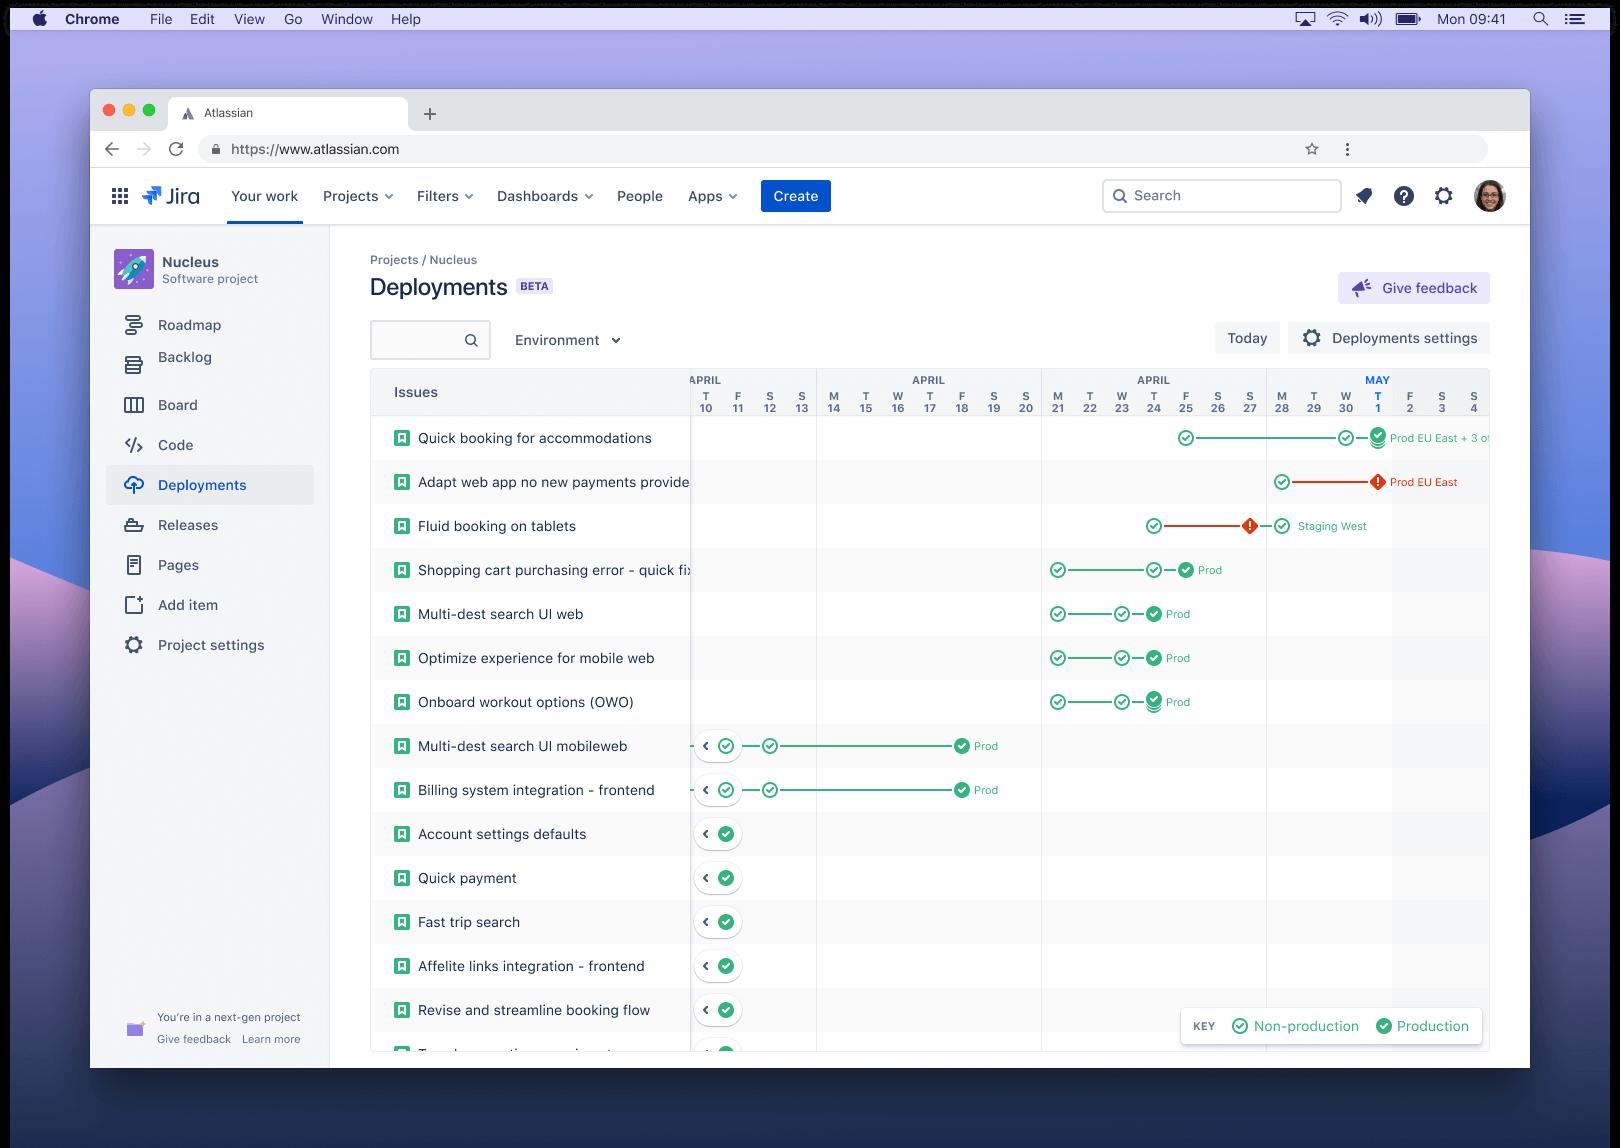 Újgenerációs kiadások képernyőképe